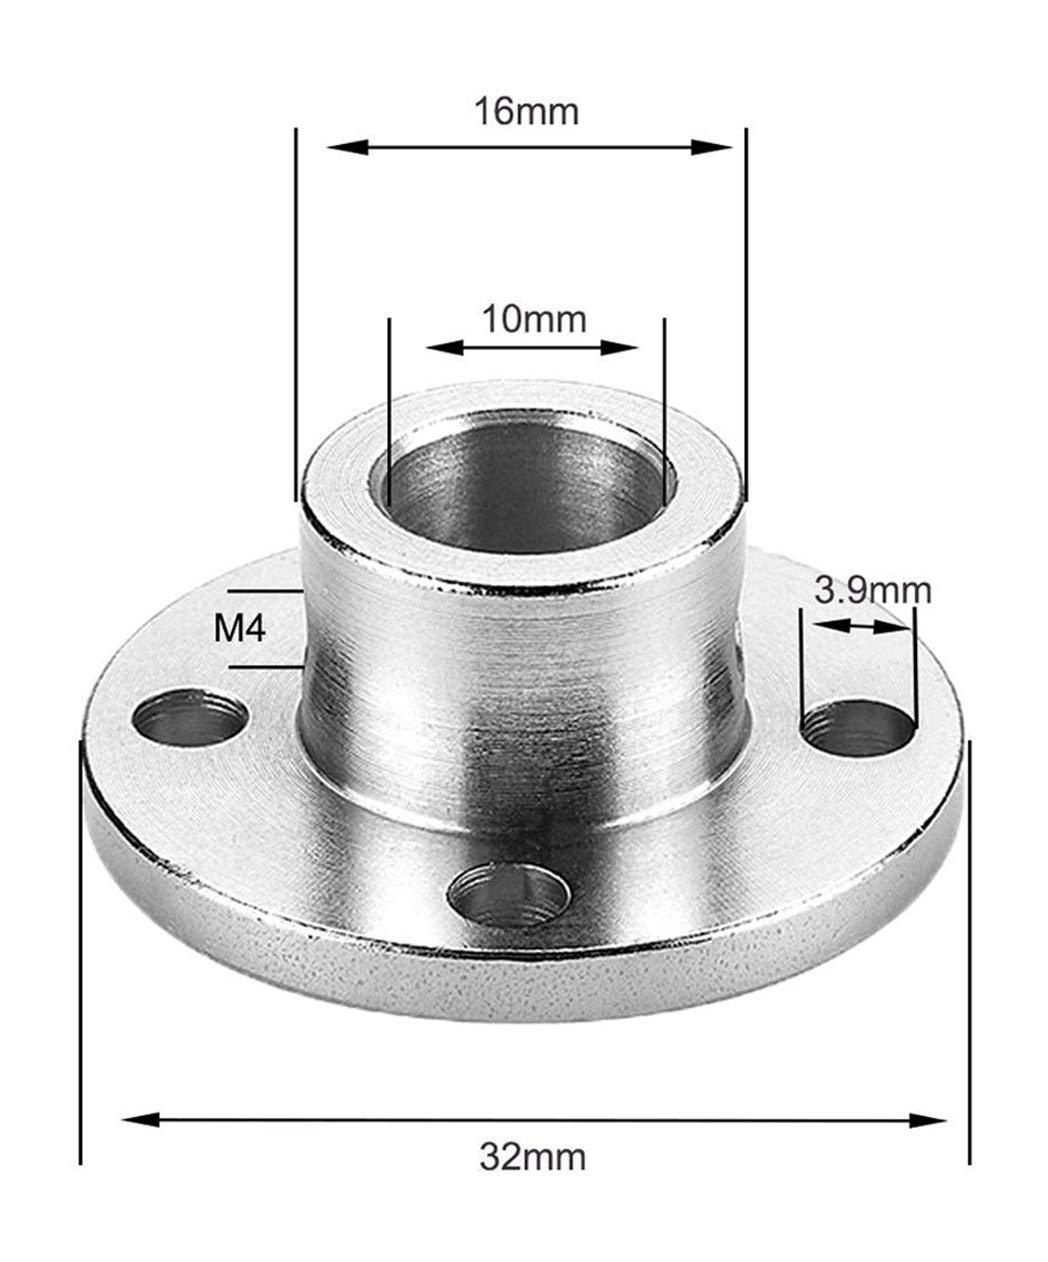 4 St/ück Flansch-Kupplungsverbinder starre F/ührungsmodell-Kupplung 4 3mm Schaft-Achsen-Armaturen f/ür DIY-RC-Modell-Motoren Zubeh/ör